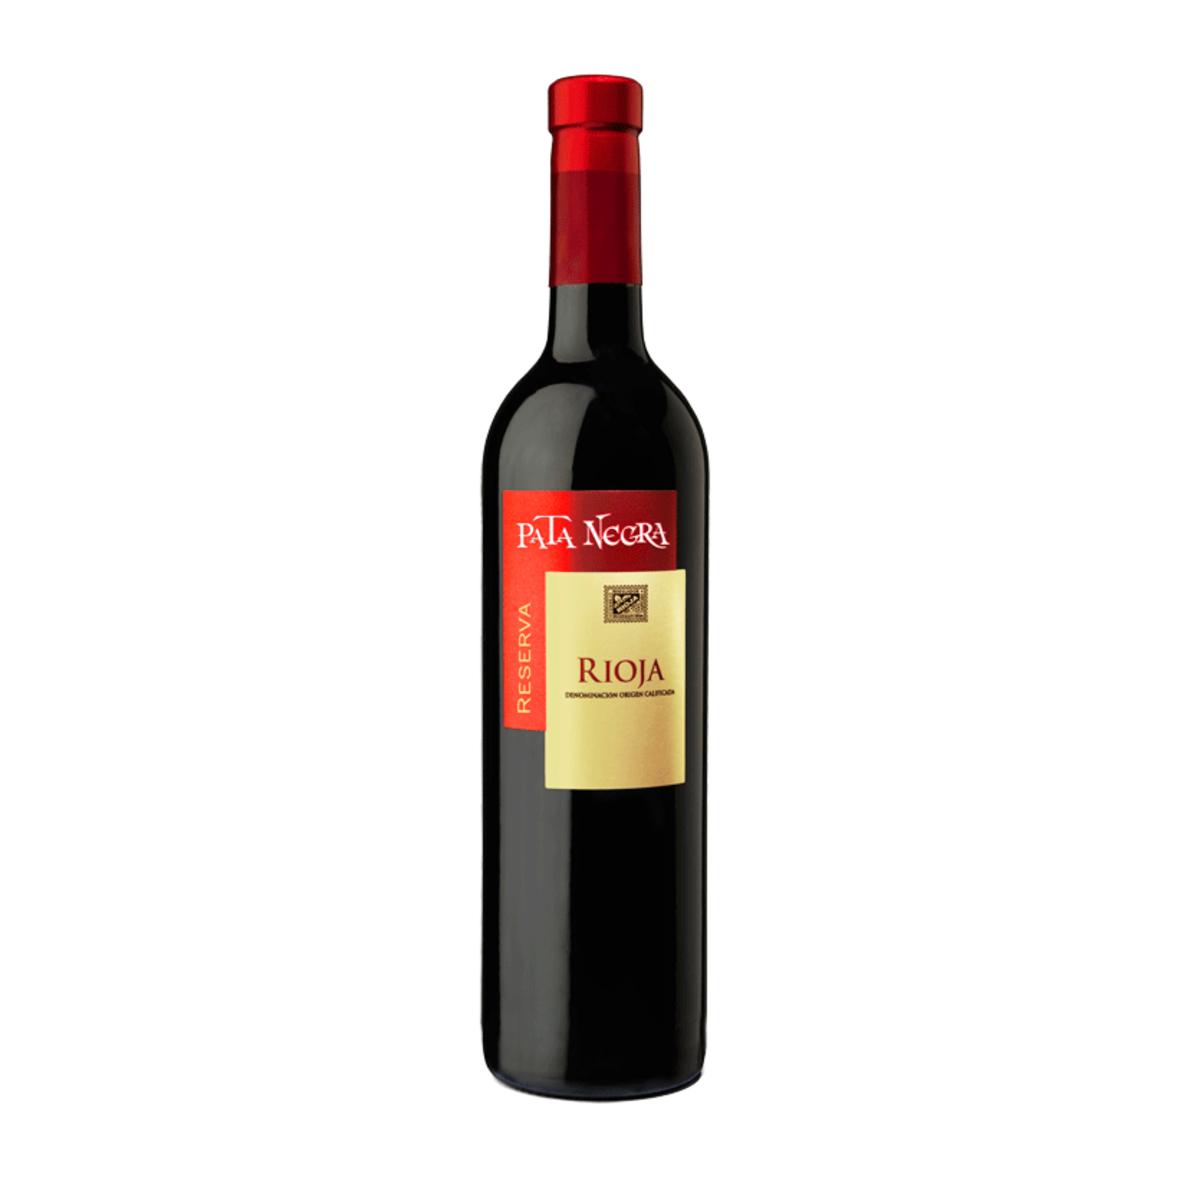 Rioja Reserva 2013 750ml